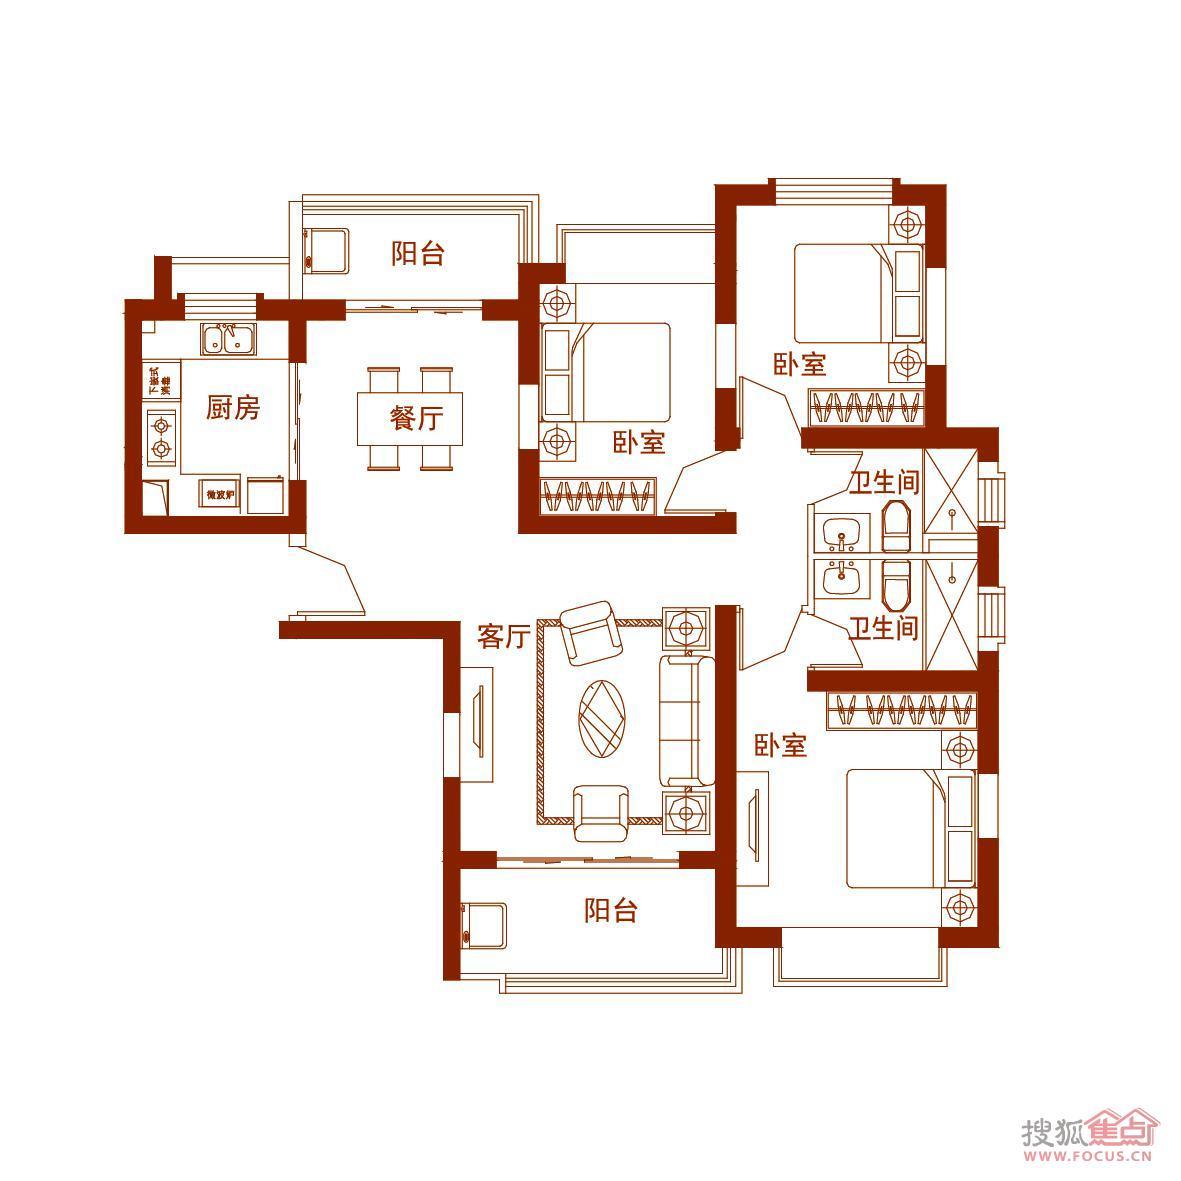 新闻中心 - 搜狐焦点网; 【恒大绿洲】恒大绿洲户型图(2/6张);